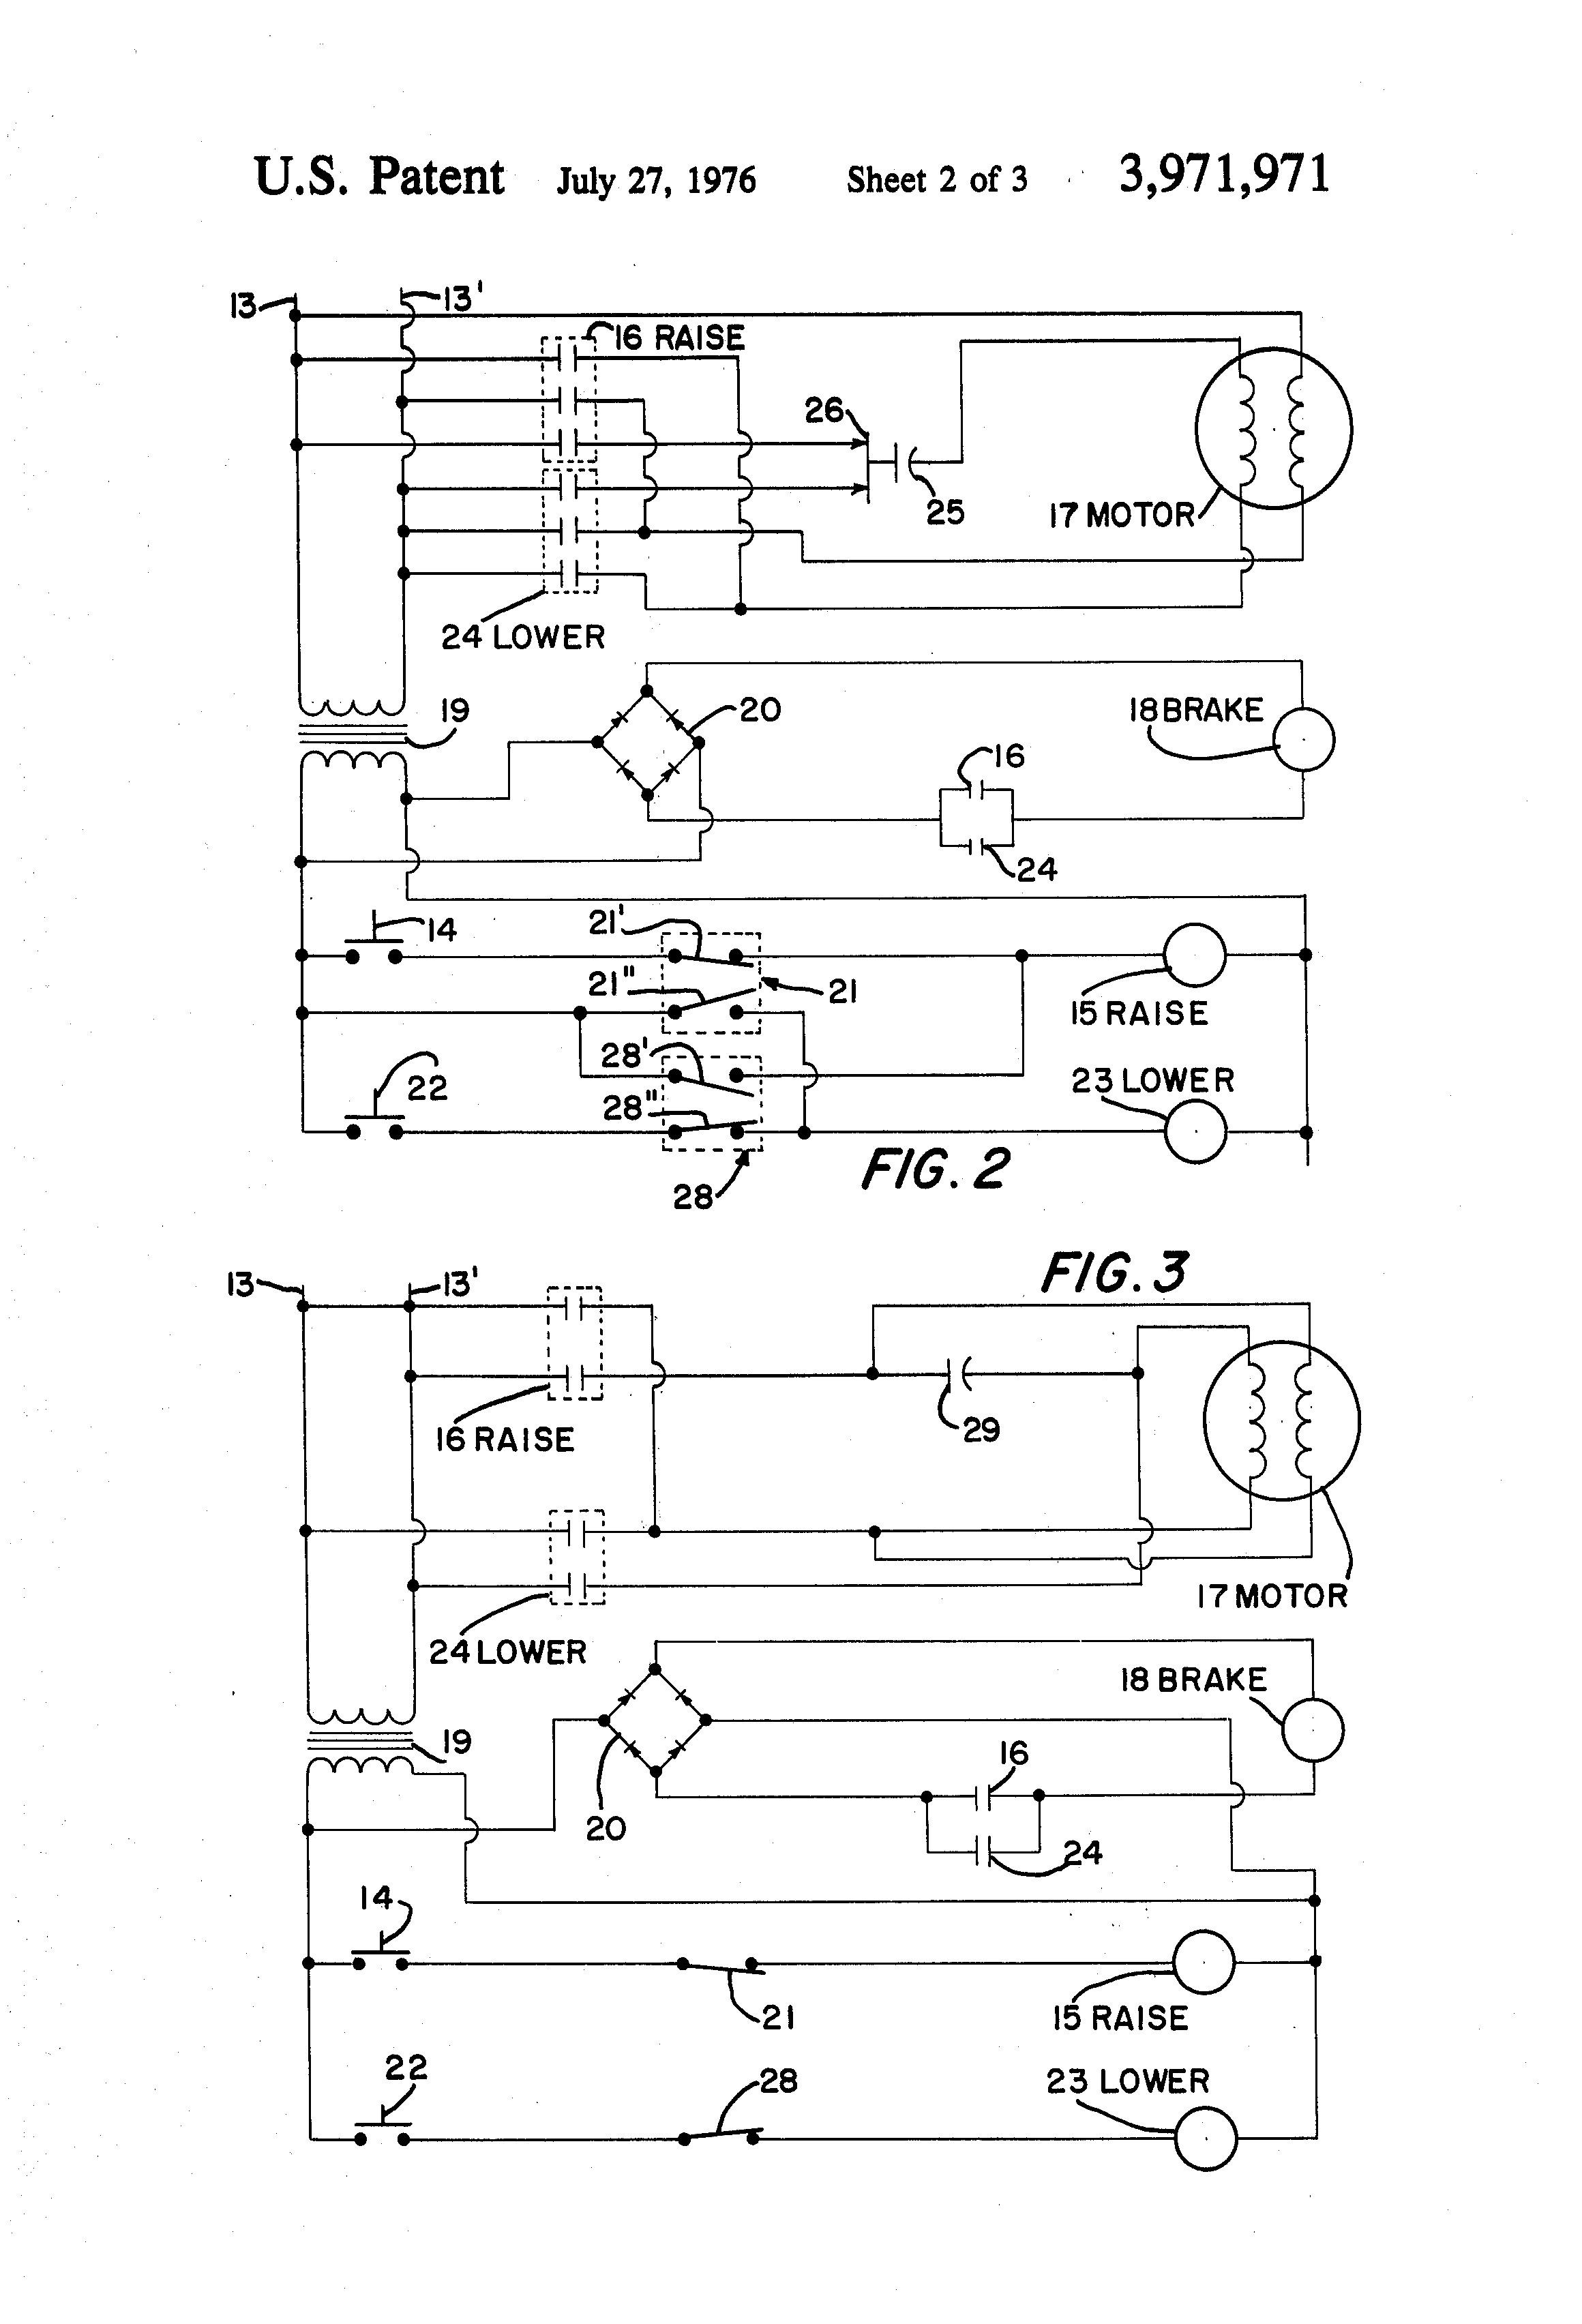 [CSDW_4250]   Terex Crane Wiring Diagrams | Wiring Diagram | Demag Motor Wiring Diagrams |  | Wiring Diagram